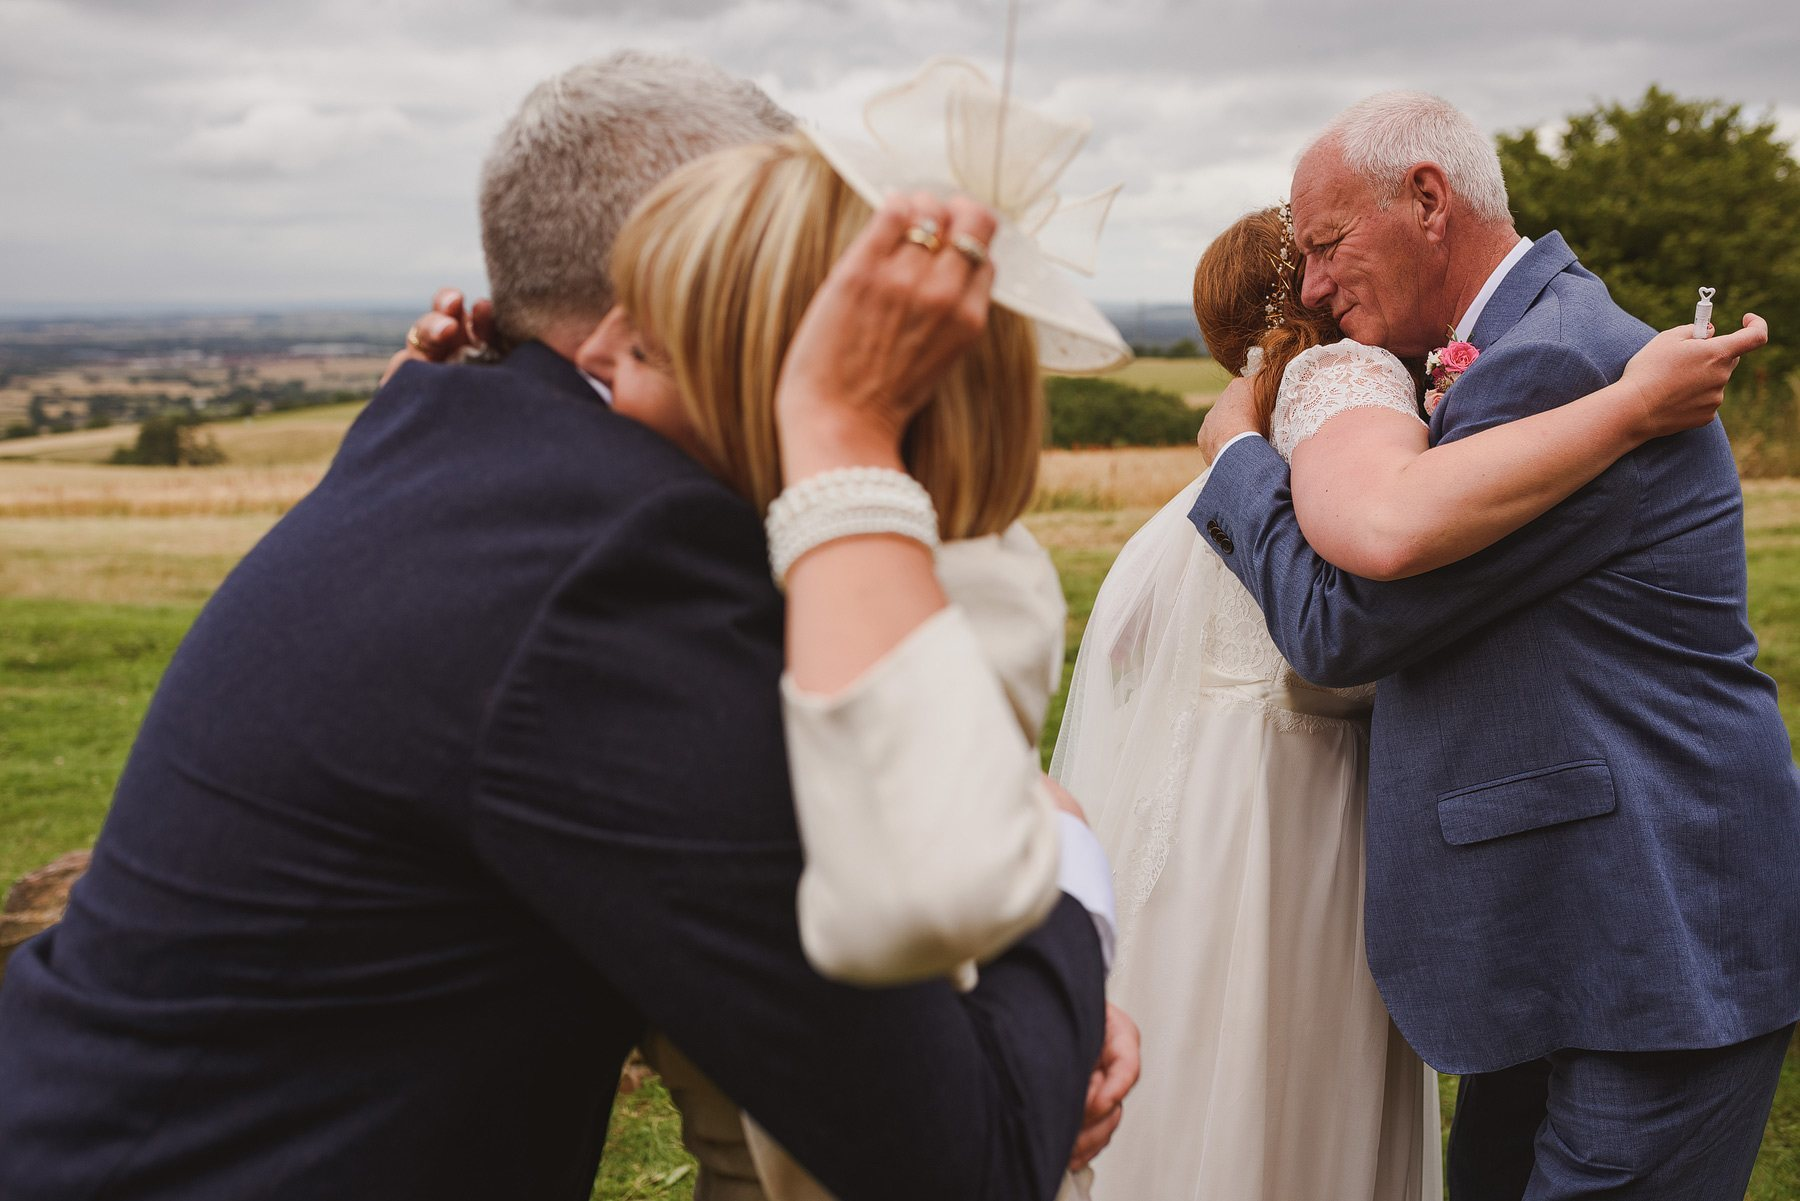 double hug after wedding ceremony at huntstile